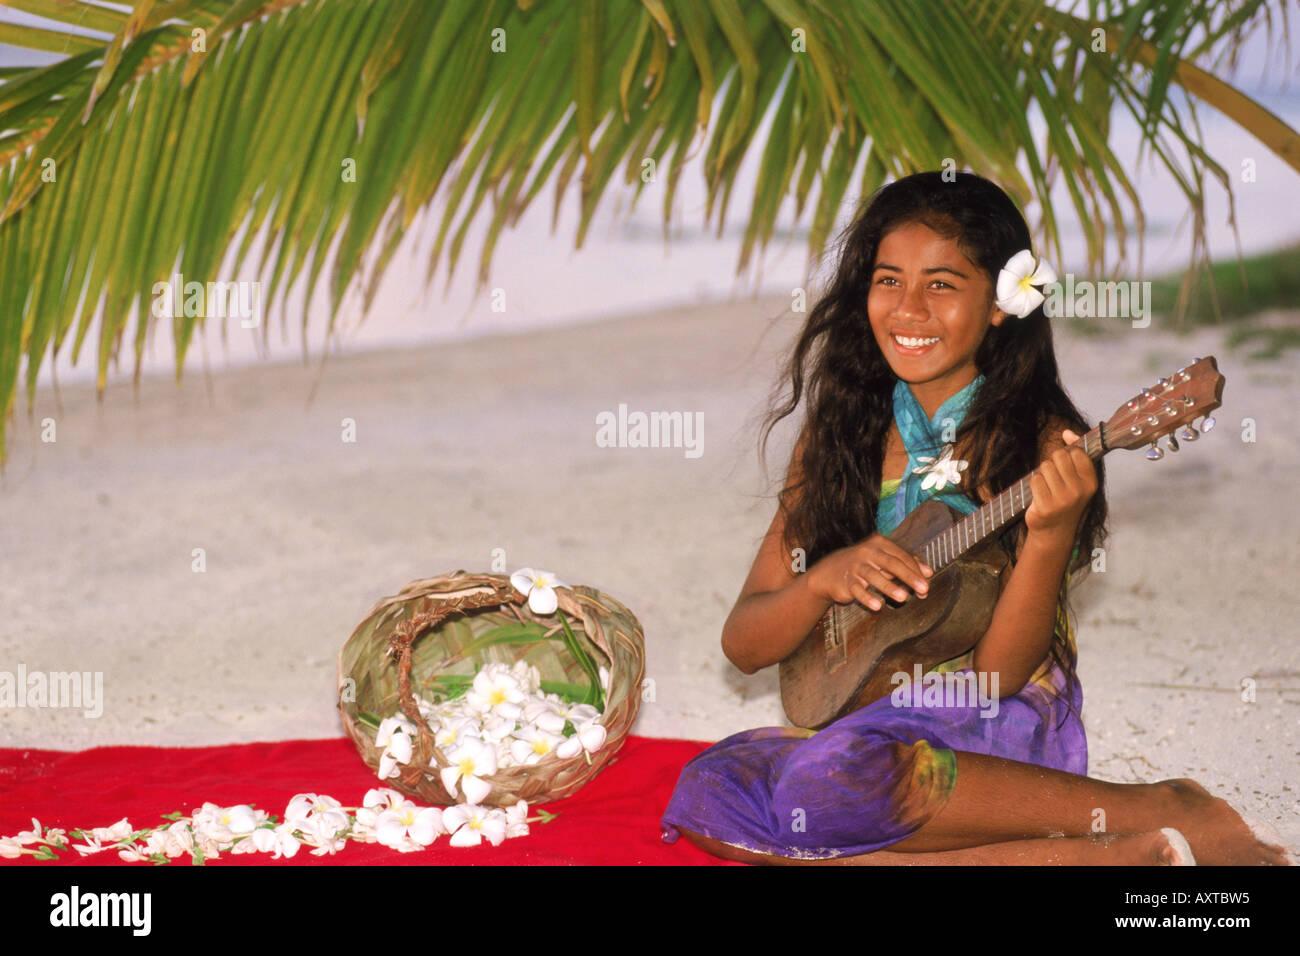 Polynesian girl sitting on Aitutaki beach under plam frond playing ukelele - Stock Image  sc 1 st  Alamy & Native Costume Female Sit Sitting Stock Photos u0026 Native Costume ...